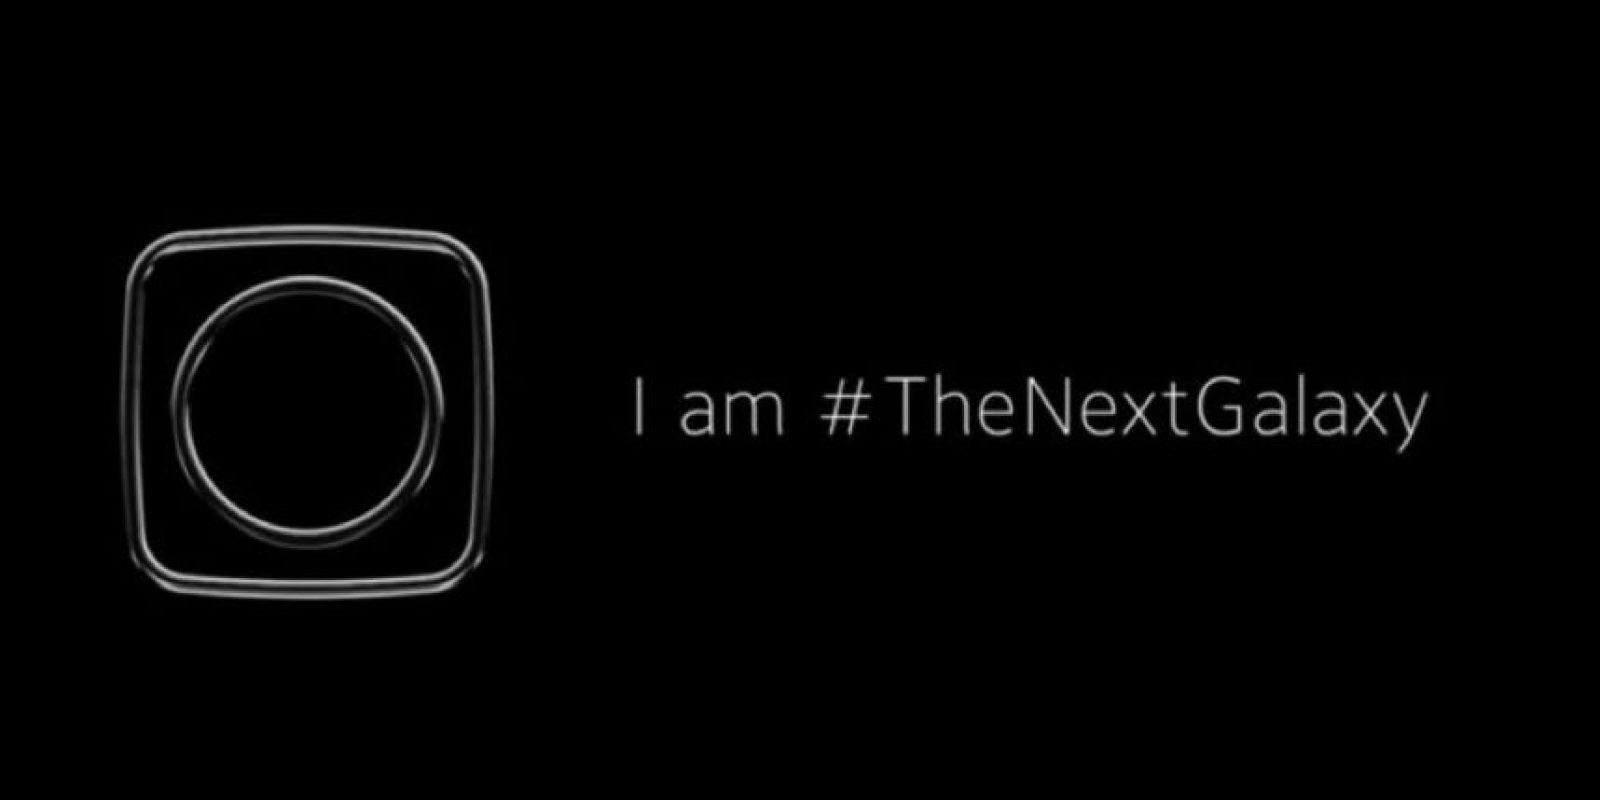 Así promocionan el nuevo Samsung Galaxy. Foto:twitter.com/SamsungMobile